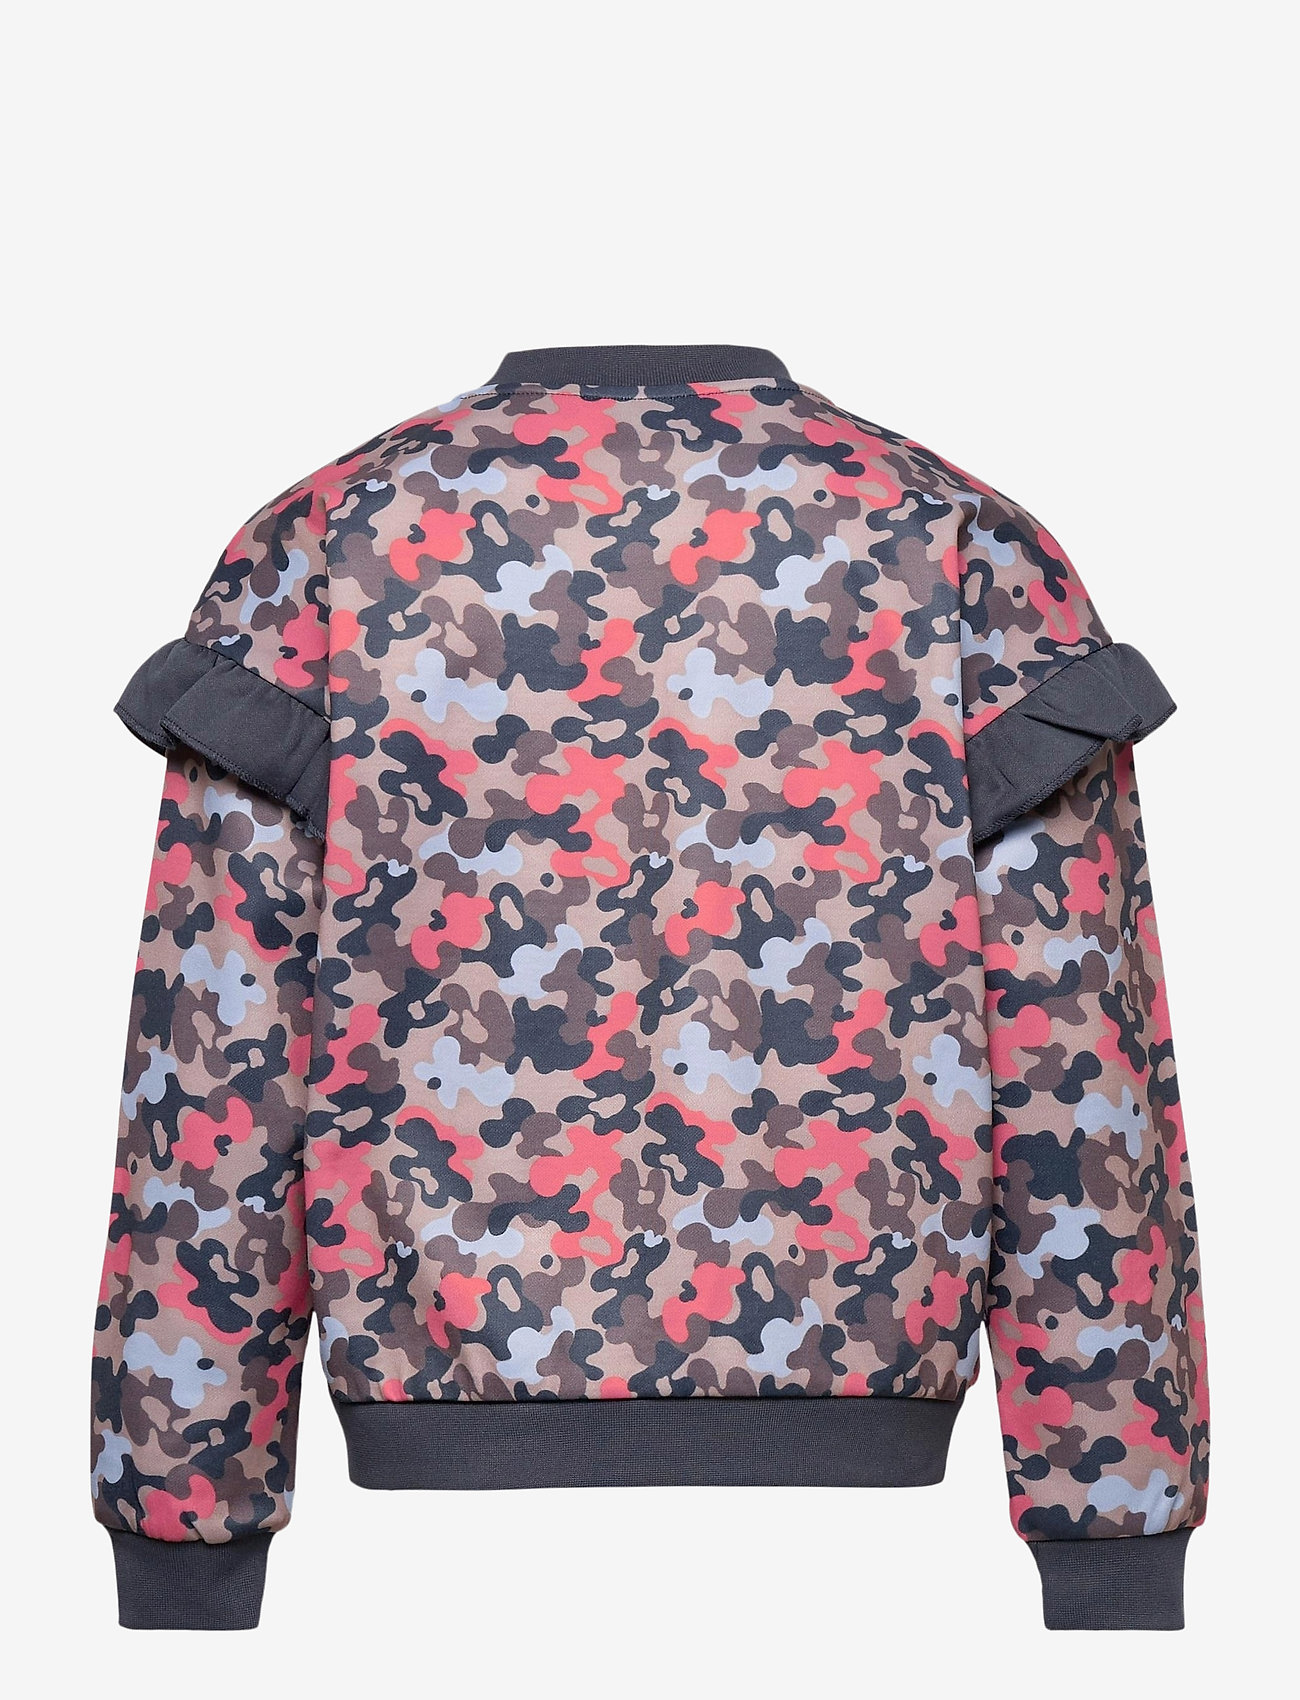 Hummel - hmlPUFF ZIP JACKET - sweatshirts - ombre blue - 1